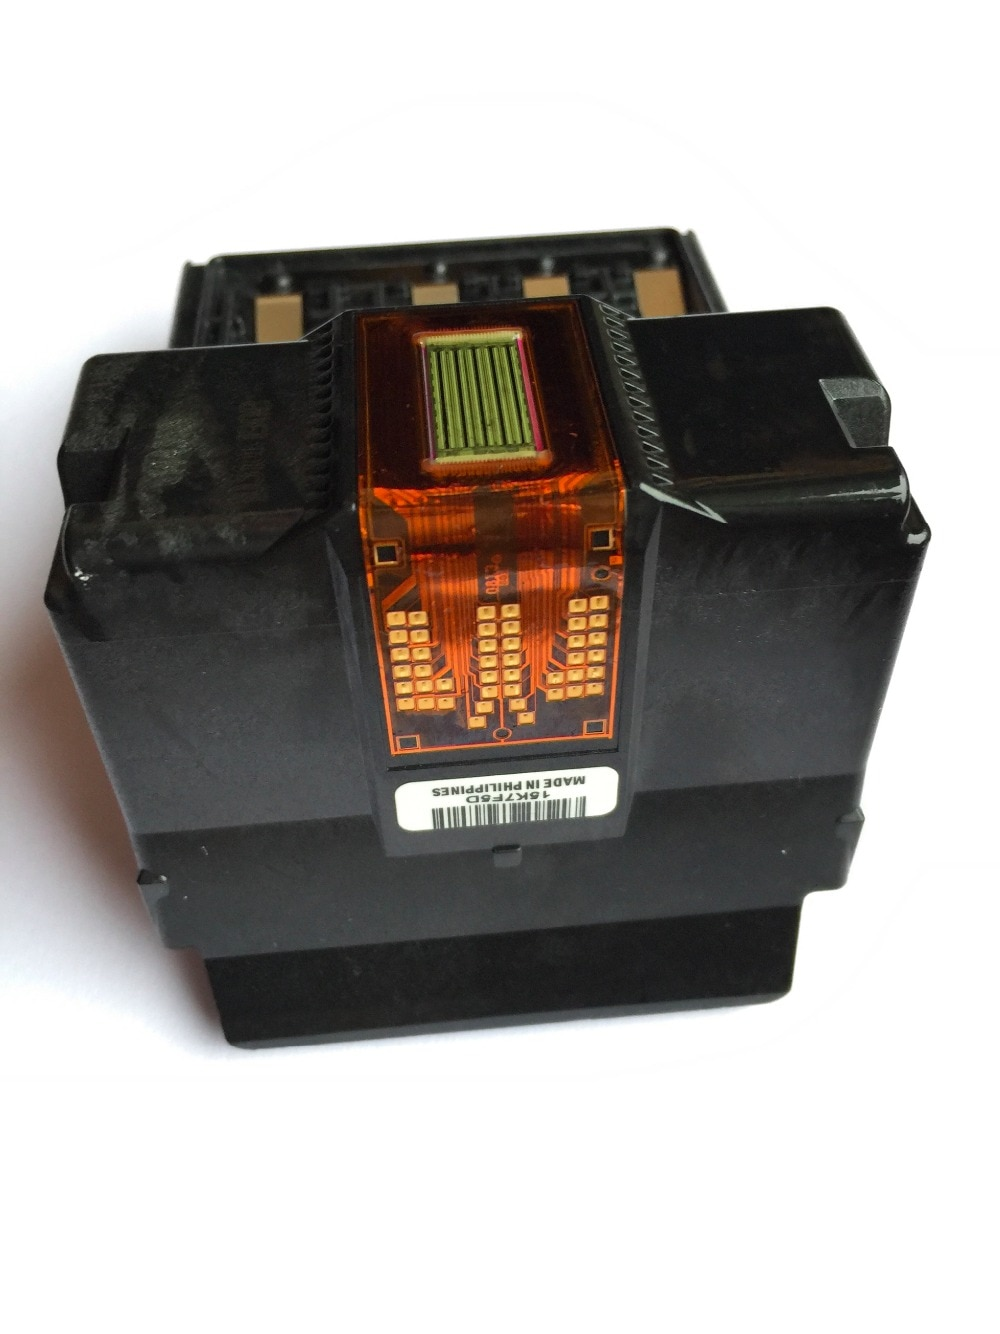 Cabezal de impresión para las impresoras Lexmark Serie 100 cabezal de impresión 14N0700 / 14N1339 Pro205 Pro705 Pro901 cabeza de impresión S405 S505 S605 205, 705